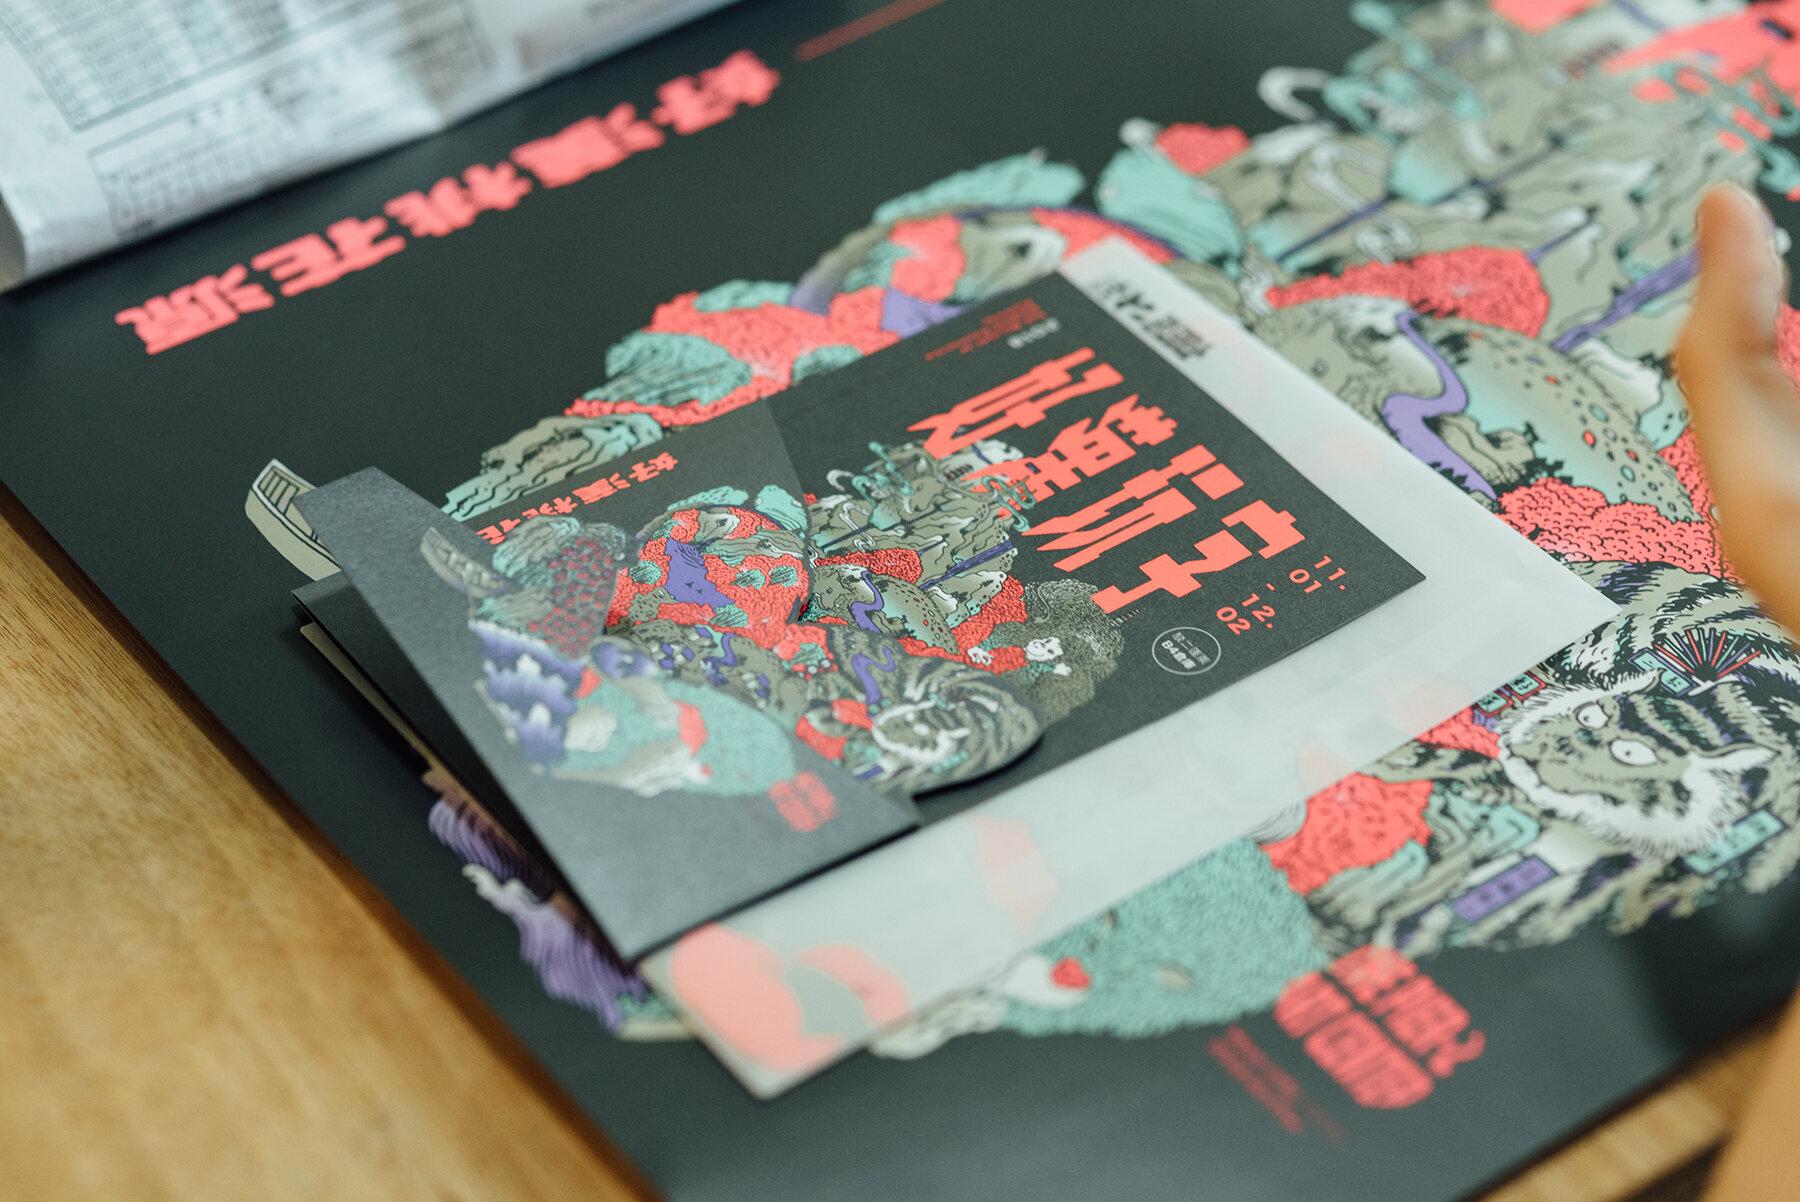 「好漢玩字節」中以特殊色運用於邀請卡、海報、票券等製作物,透過印刷技巧強化視覺整體性。